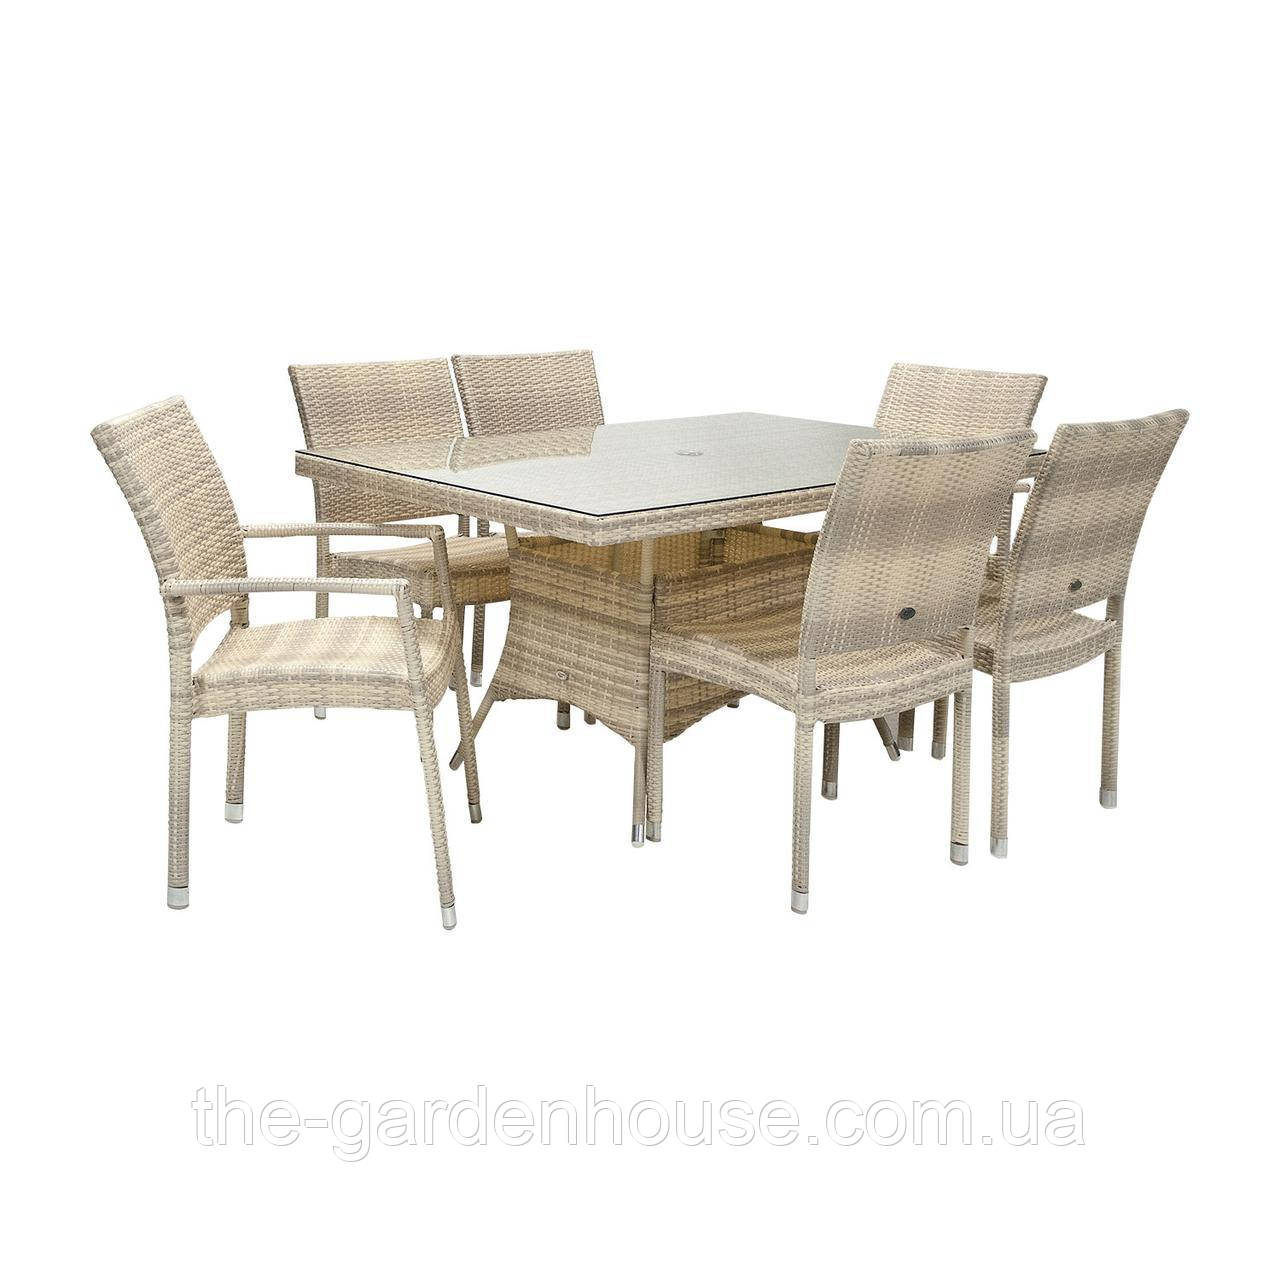 Столовий комплект садових меблів з штучного ротанга Вікер: стіл 150 см та 6 стільців світло-бежевий